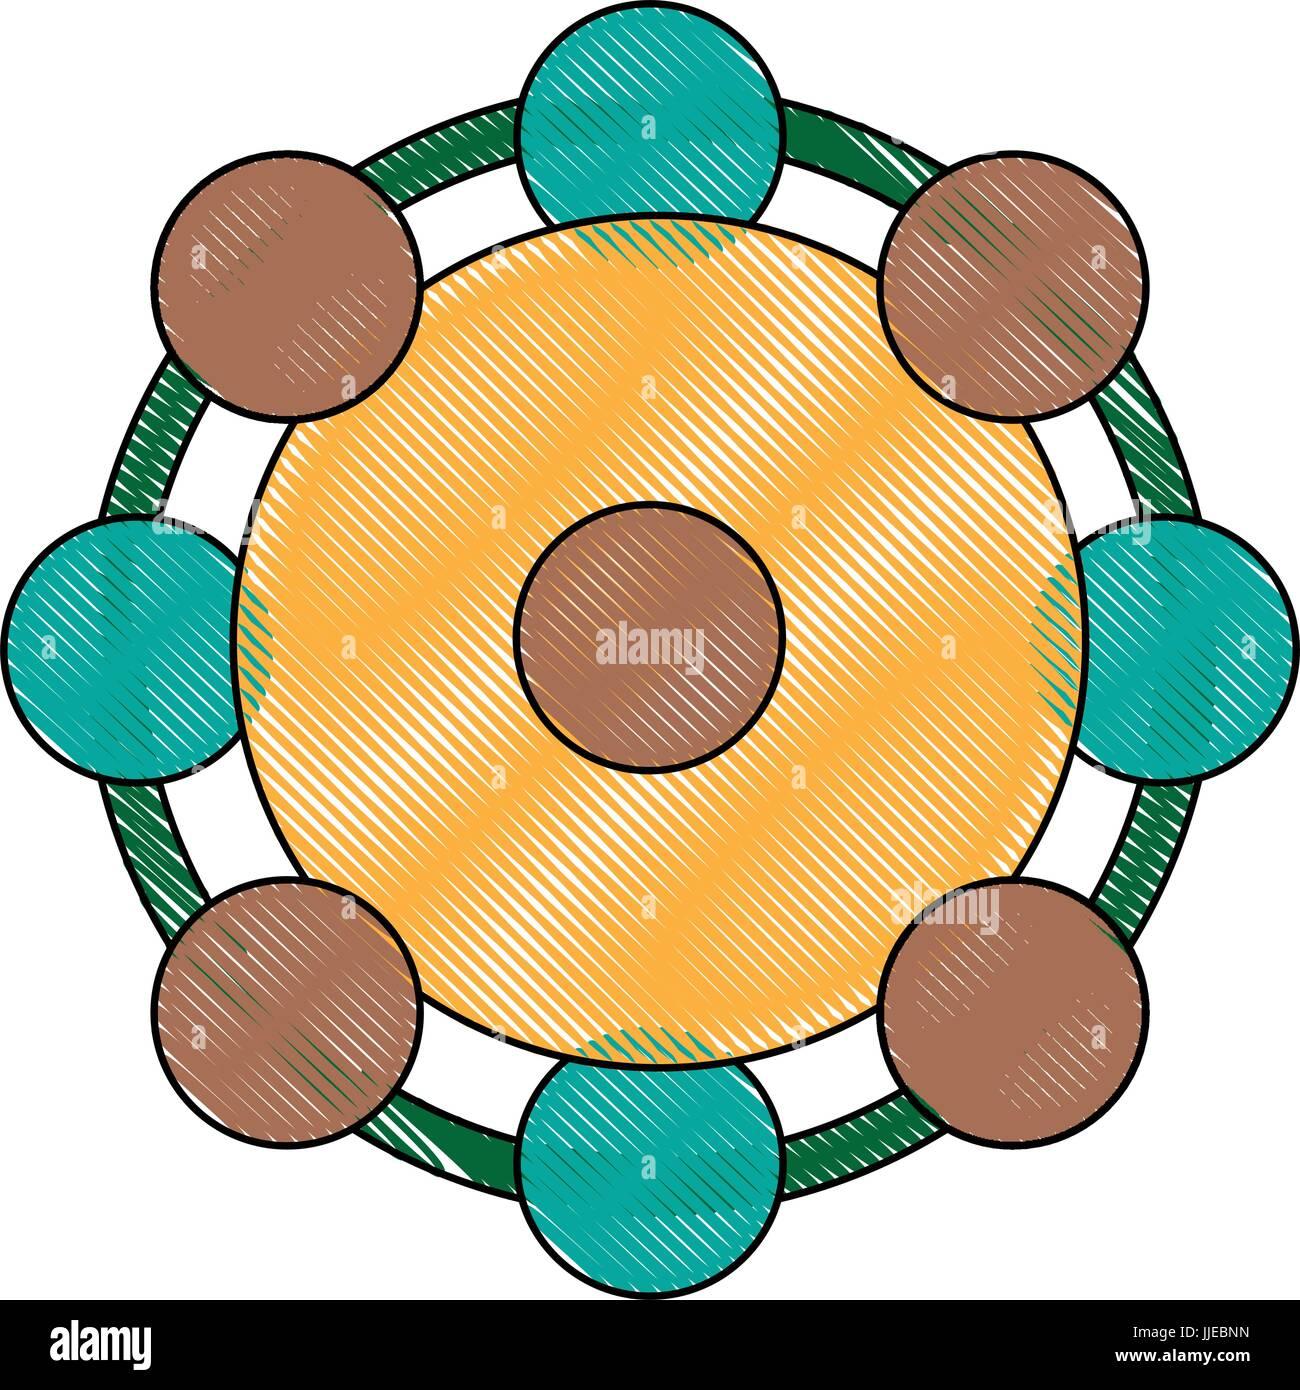 Résumé de l'étude médicale molécule atomes particules Photo Stock